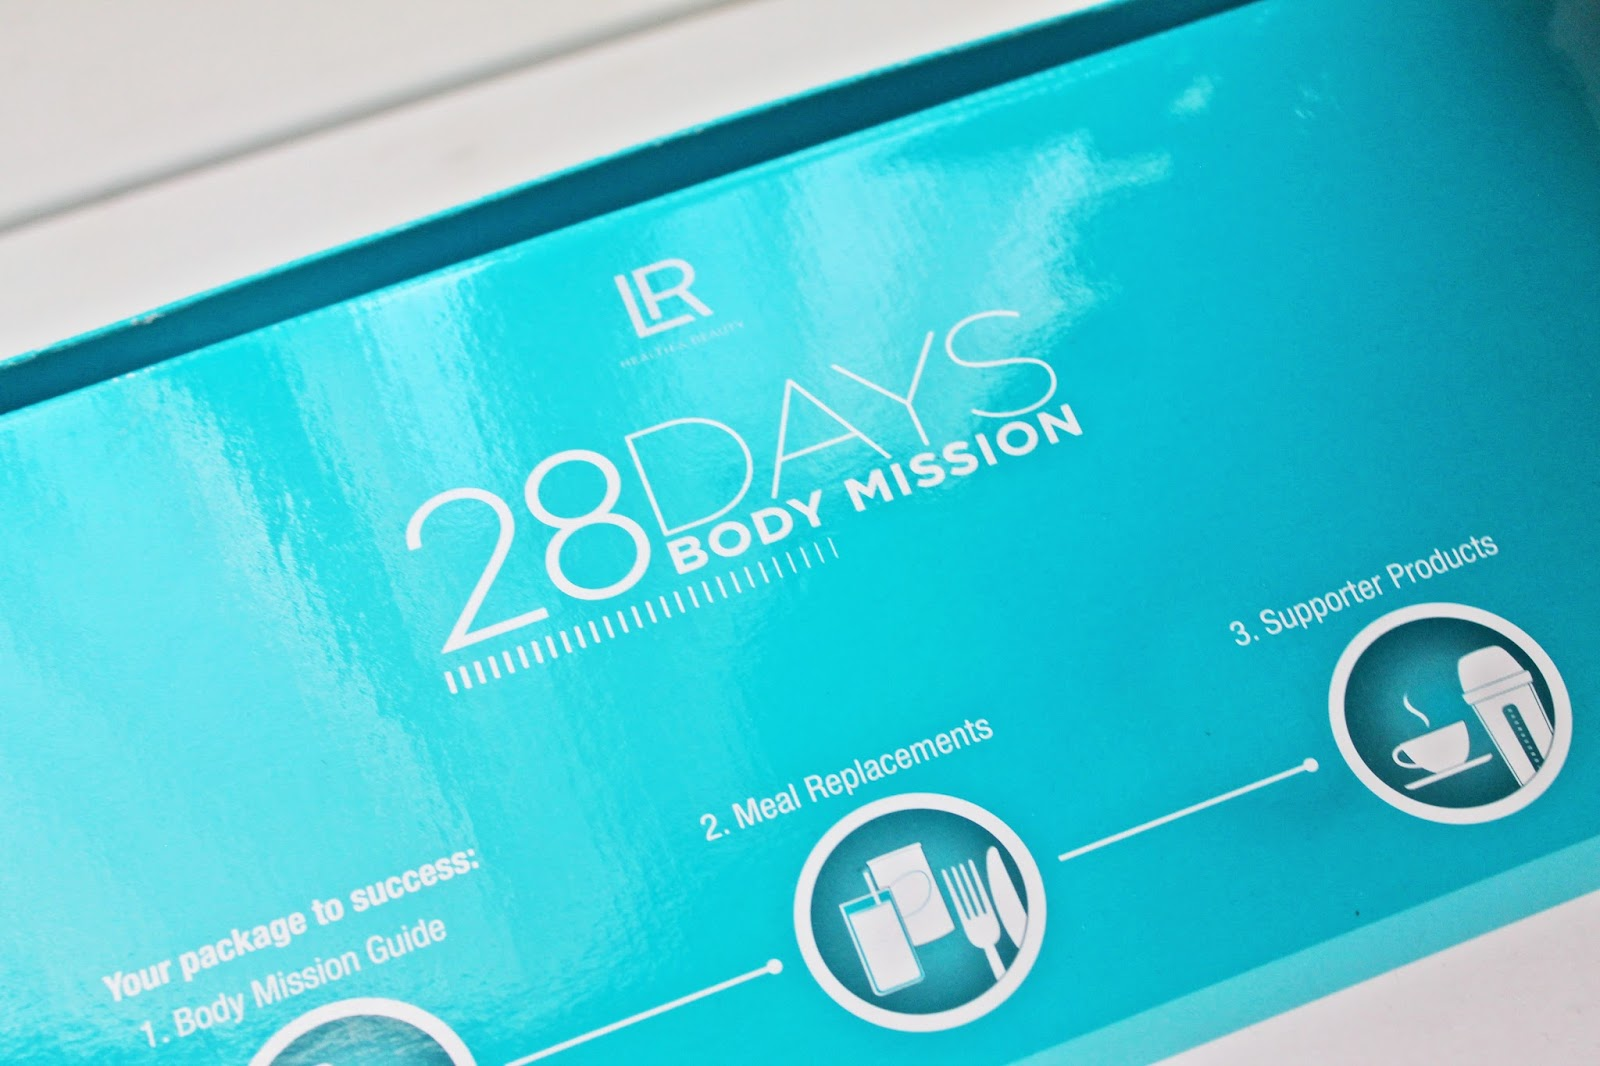 как похудеть за 30 дней упражнения приложение